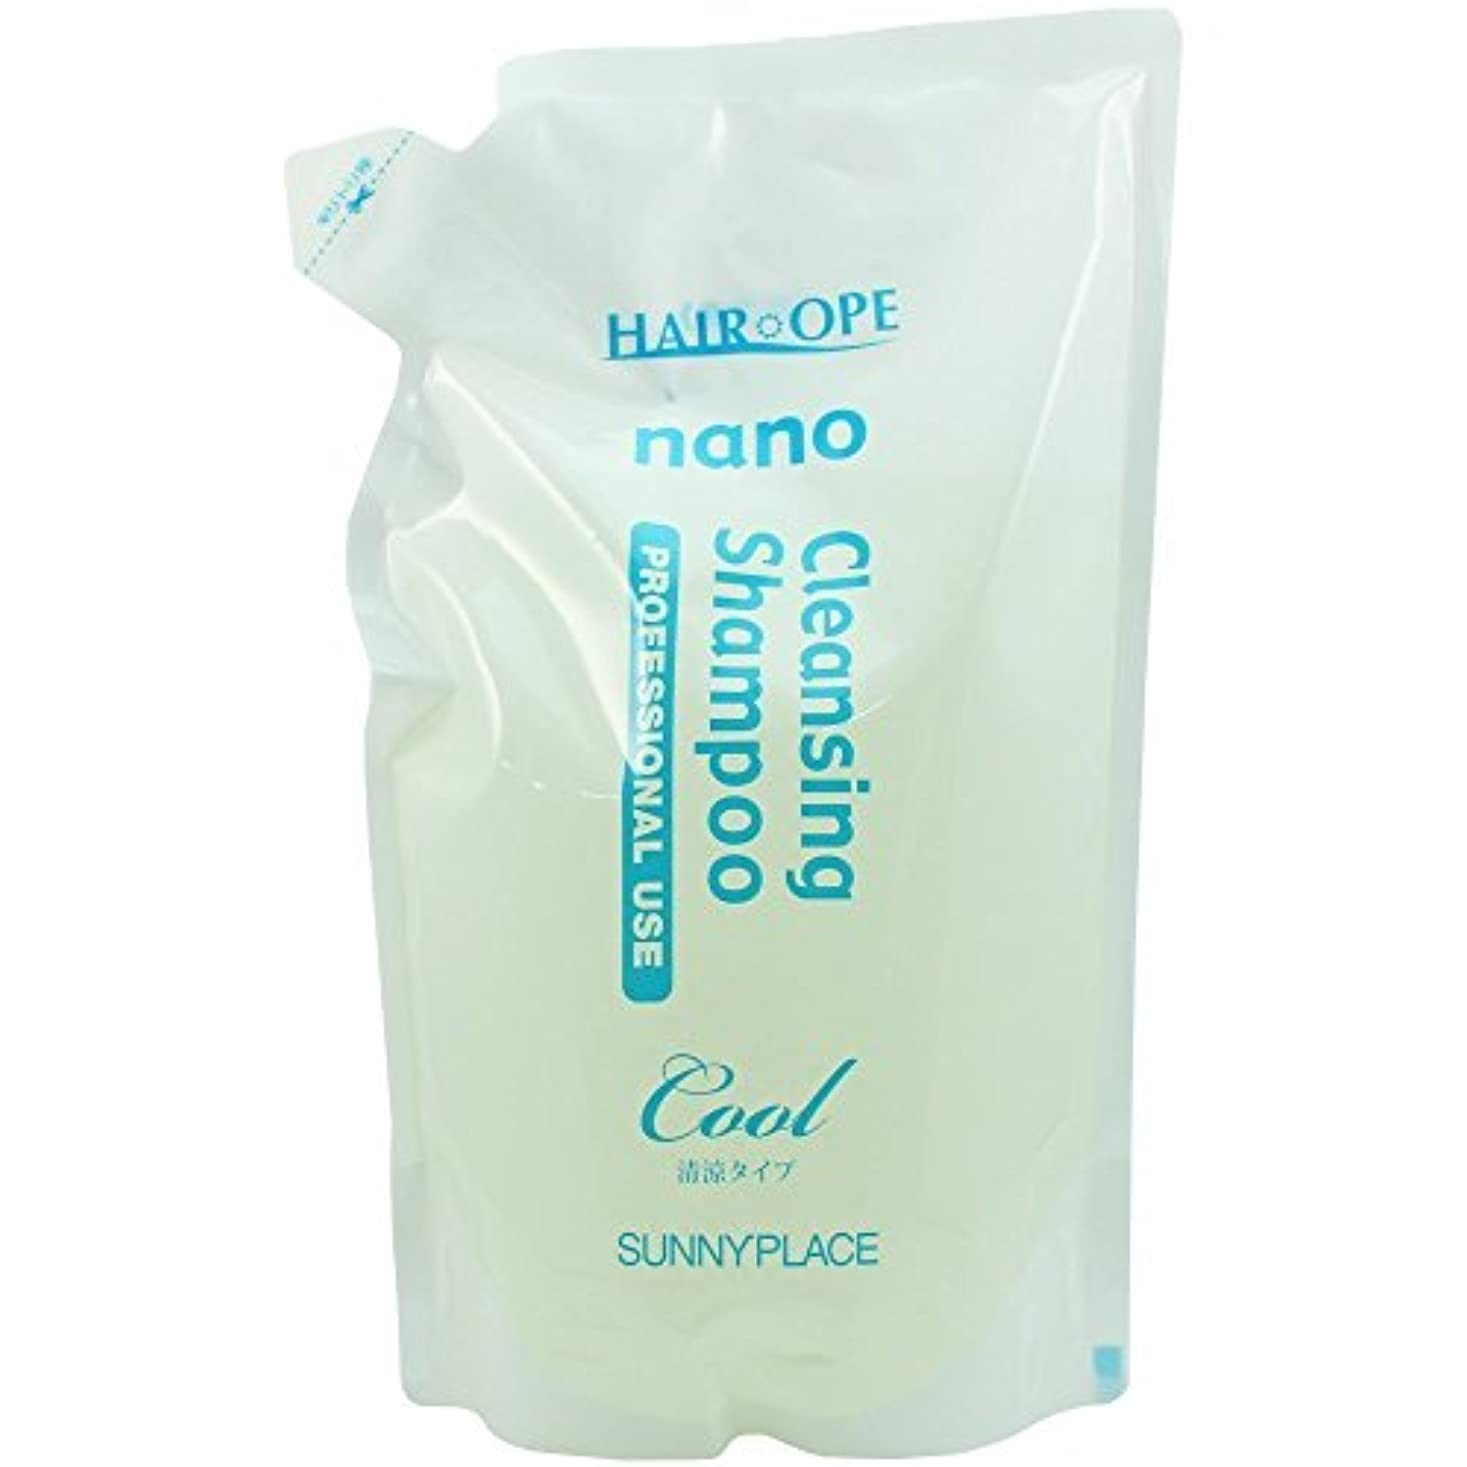 乳製品農業の会員サニープレイス ヘアオペ ナノ クレンジングシャンプー レフィル800ml 清涼タイプ